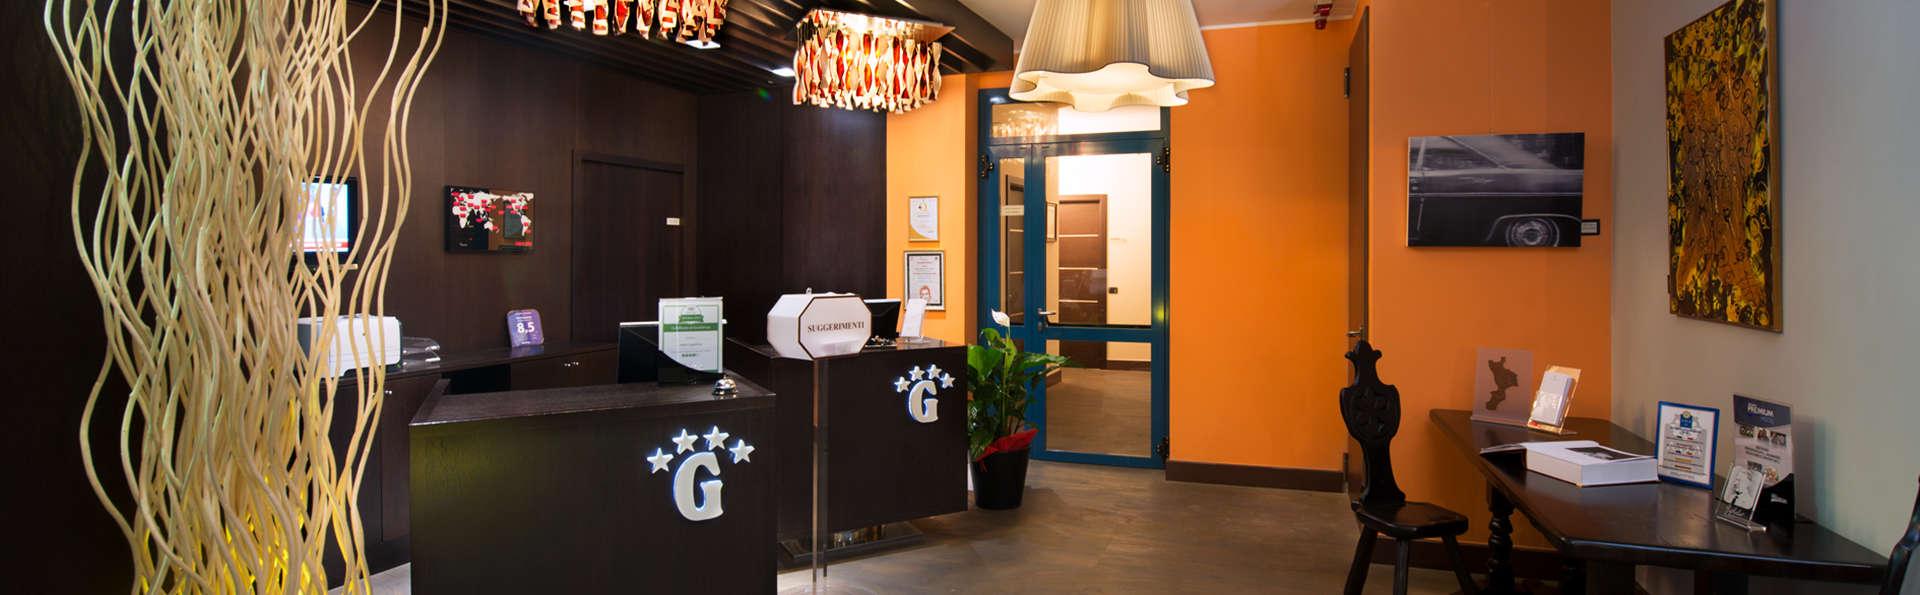 Hotel guglielmo boutique hotel wellness spa hotel for Boutique hotel wellness